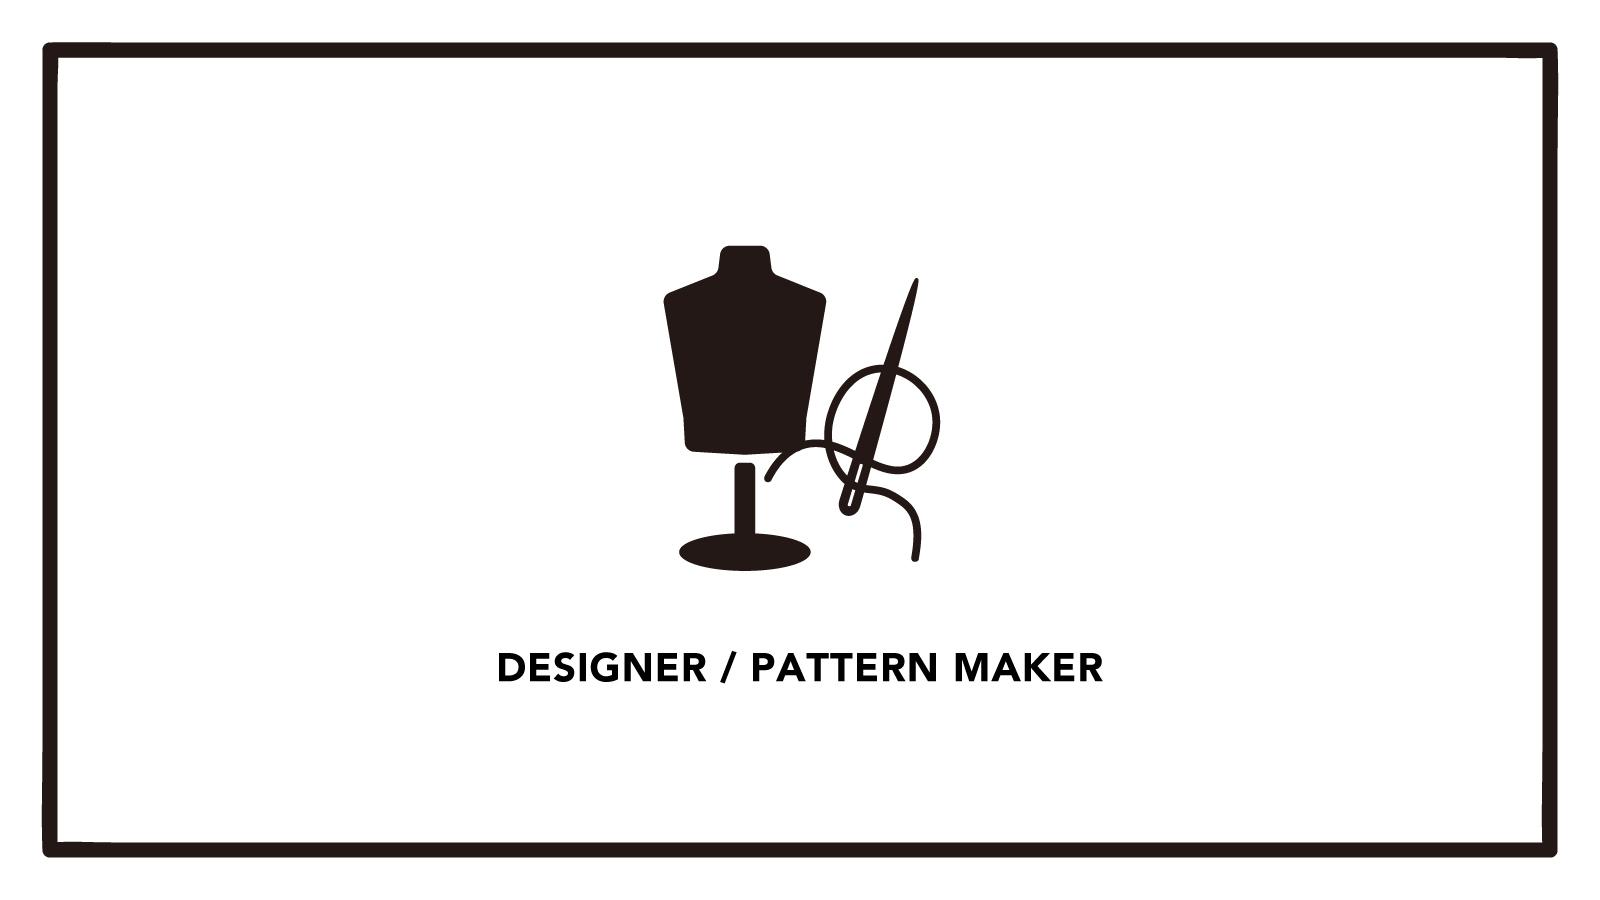 【レディースデザイナー】大手企業での募集|オールアイテムのカバー写真